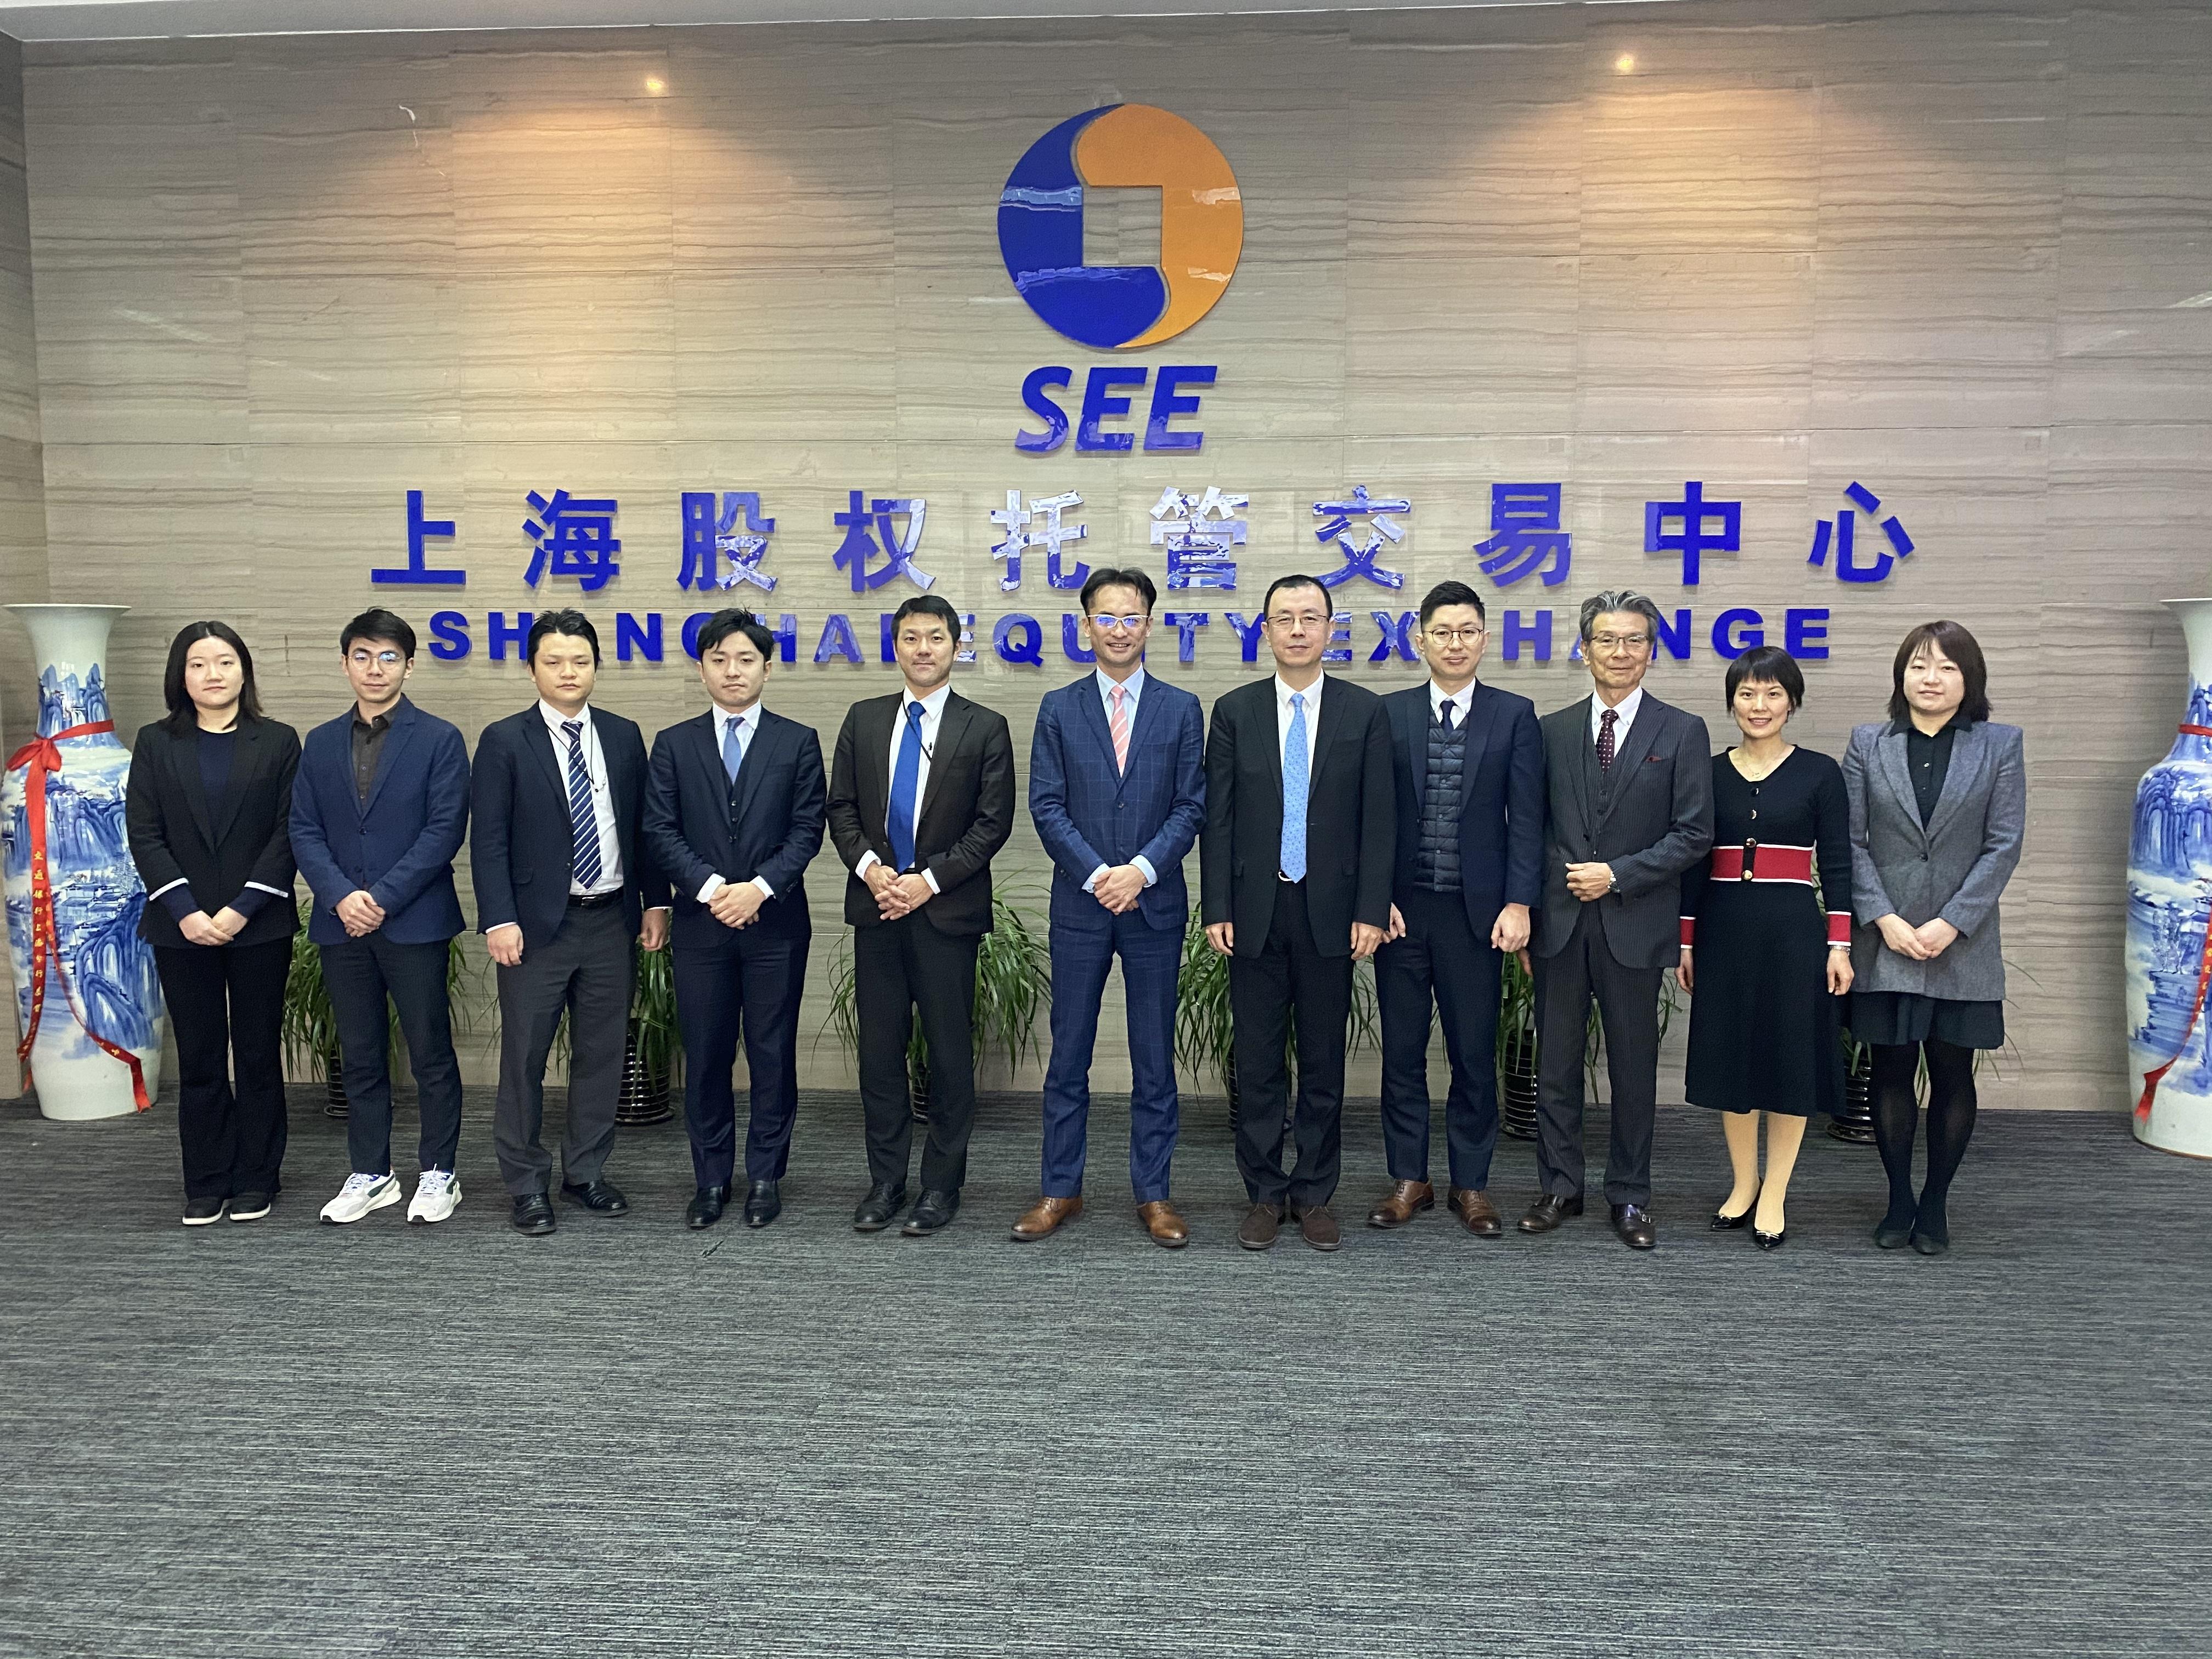 日本名南株式会社来访,推动中日金融合作-上海朗荣投资致力于科创板挂牌融资上市